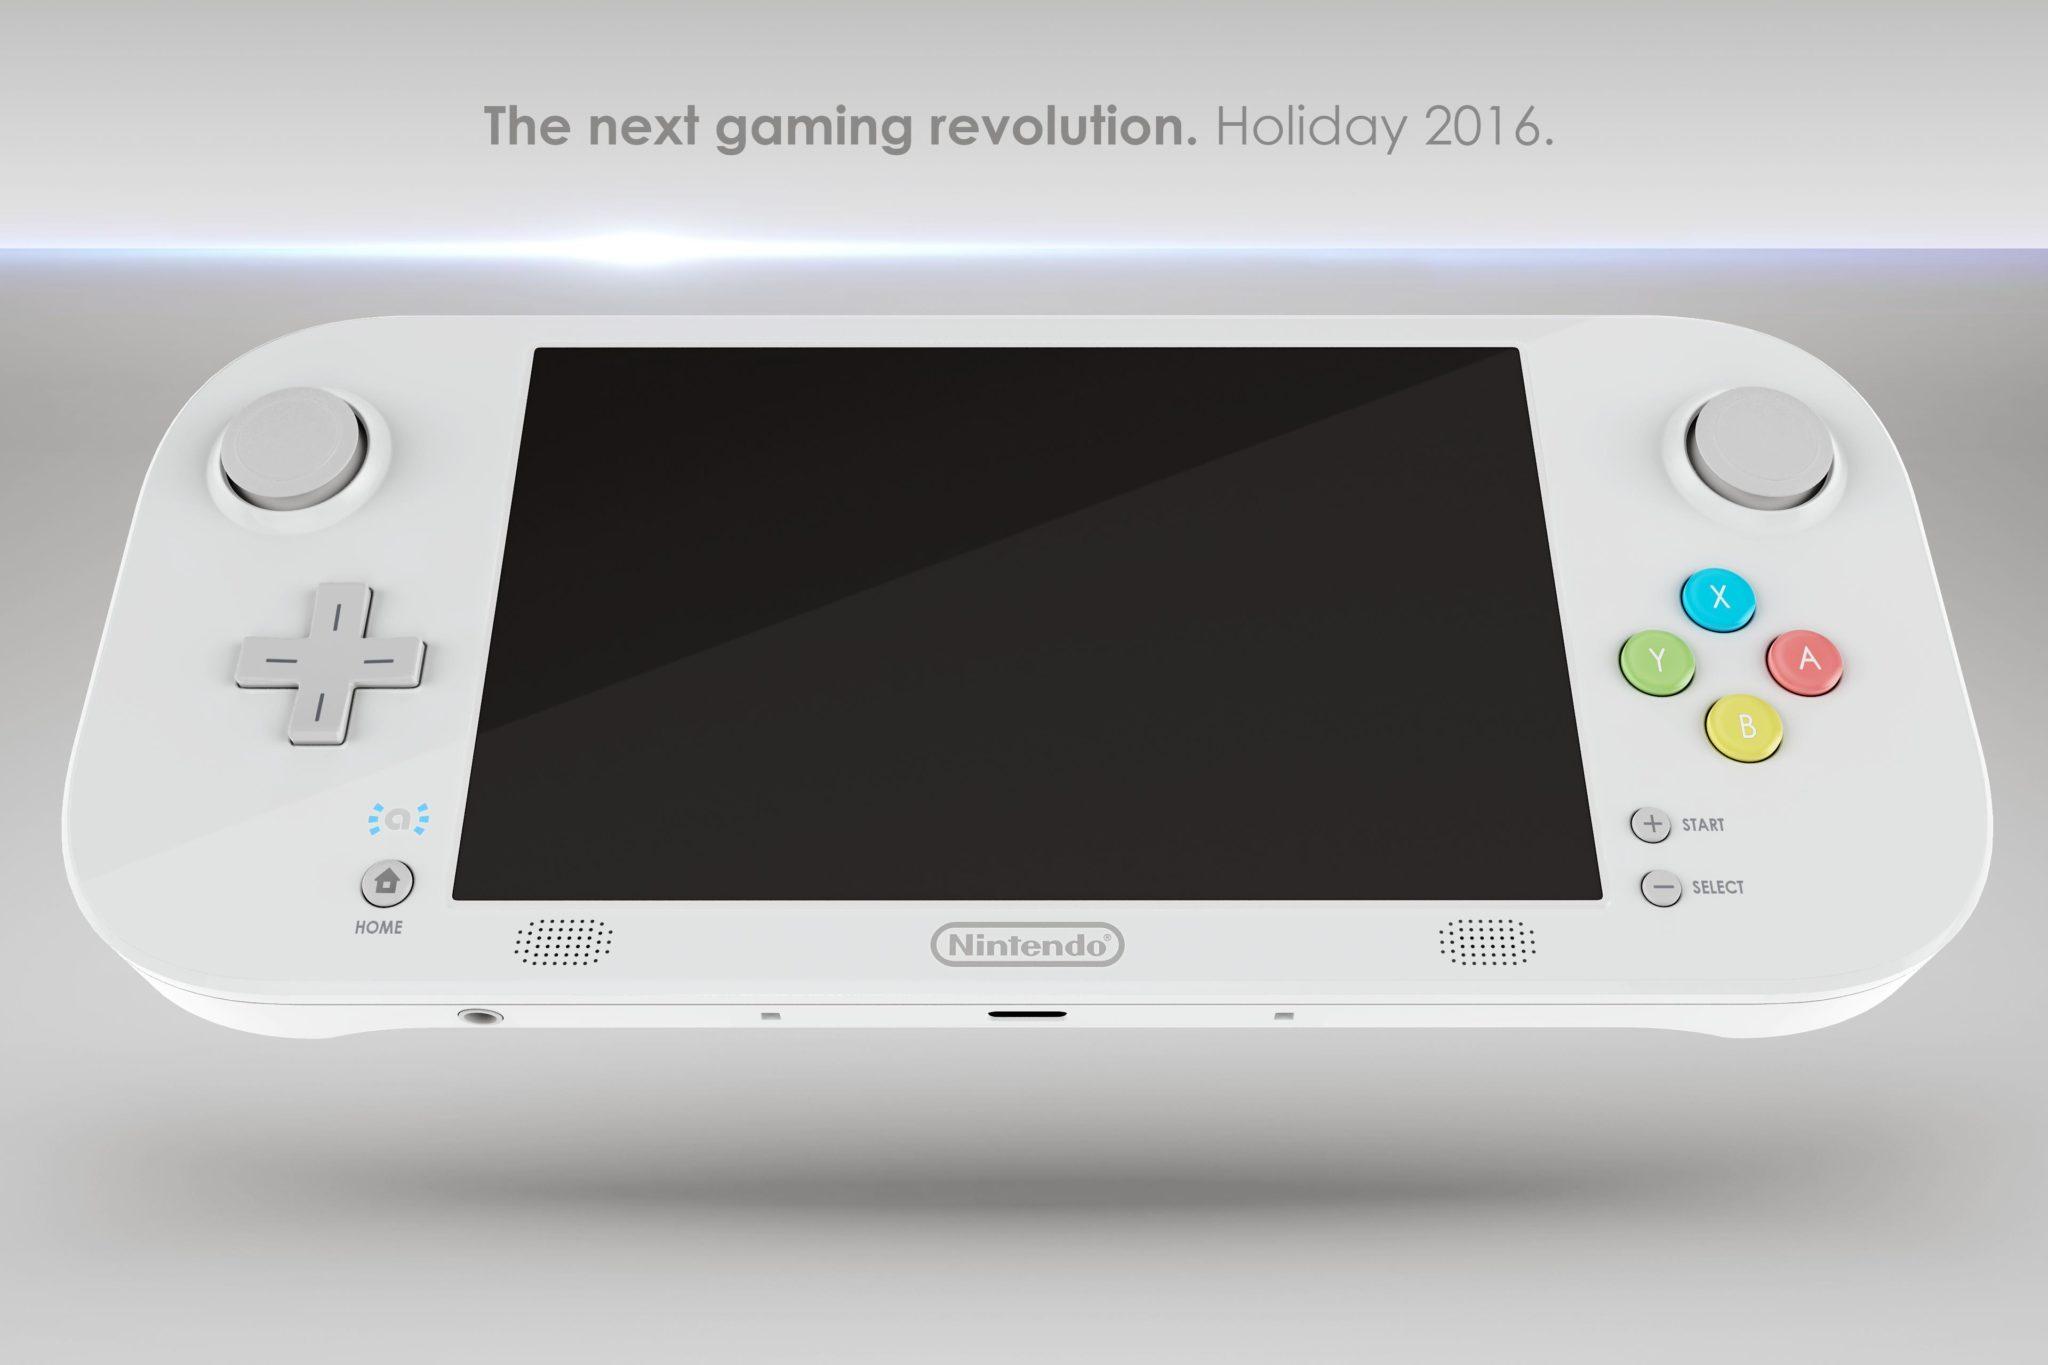 Nintendo Nx posiblemente funcionará en 900p con 60fps con Streaming 4K